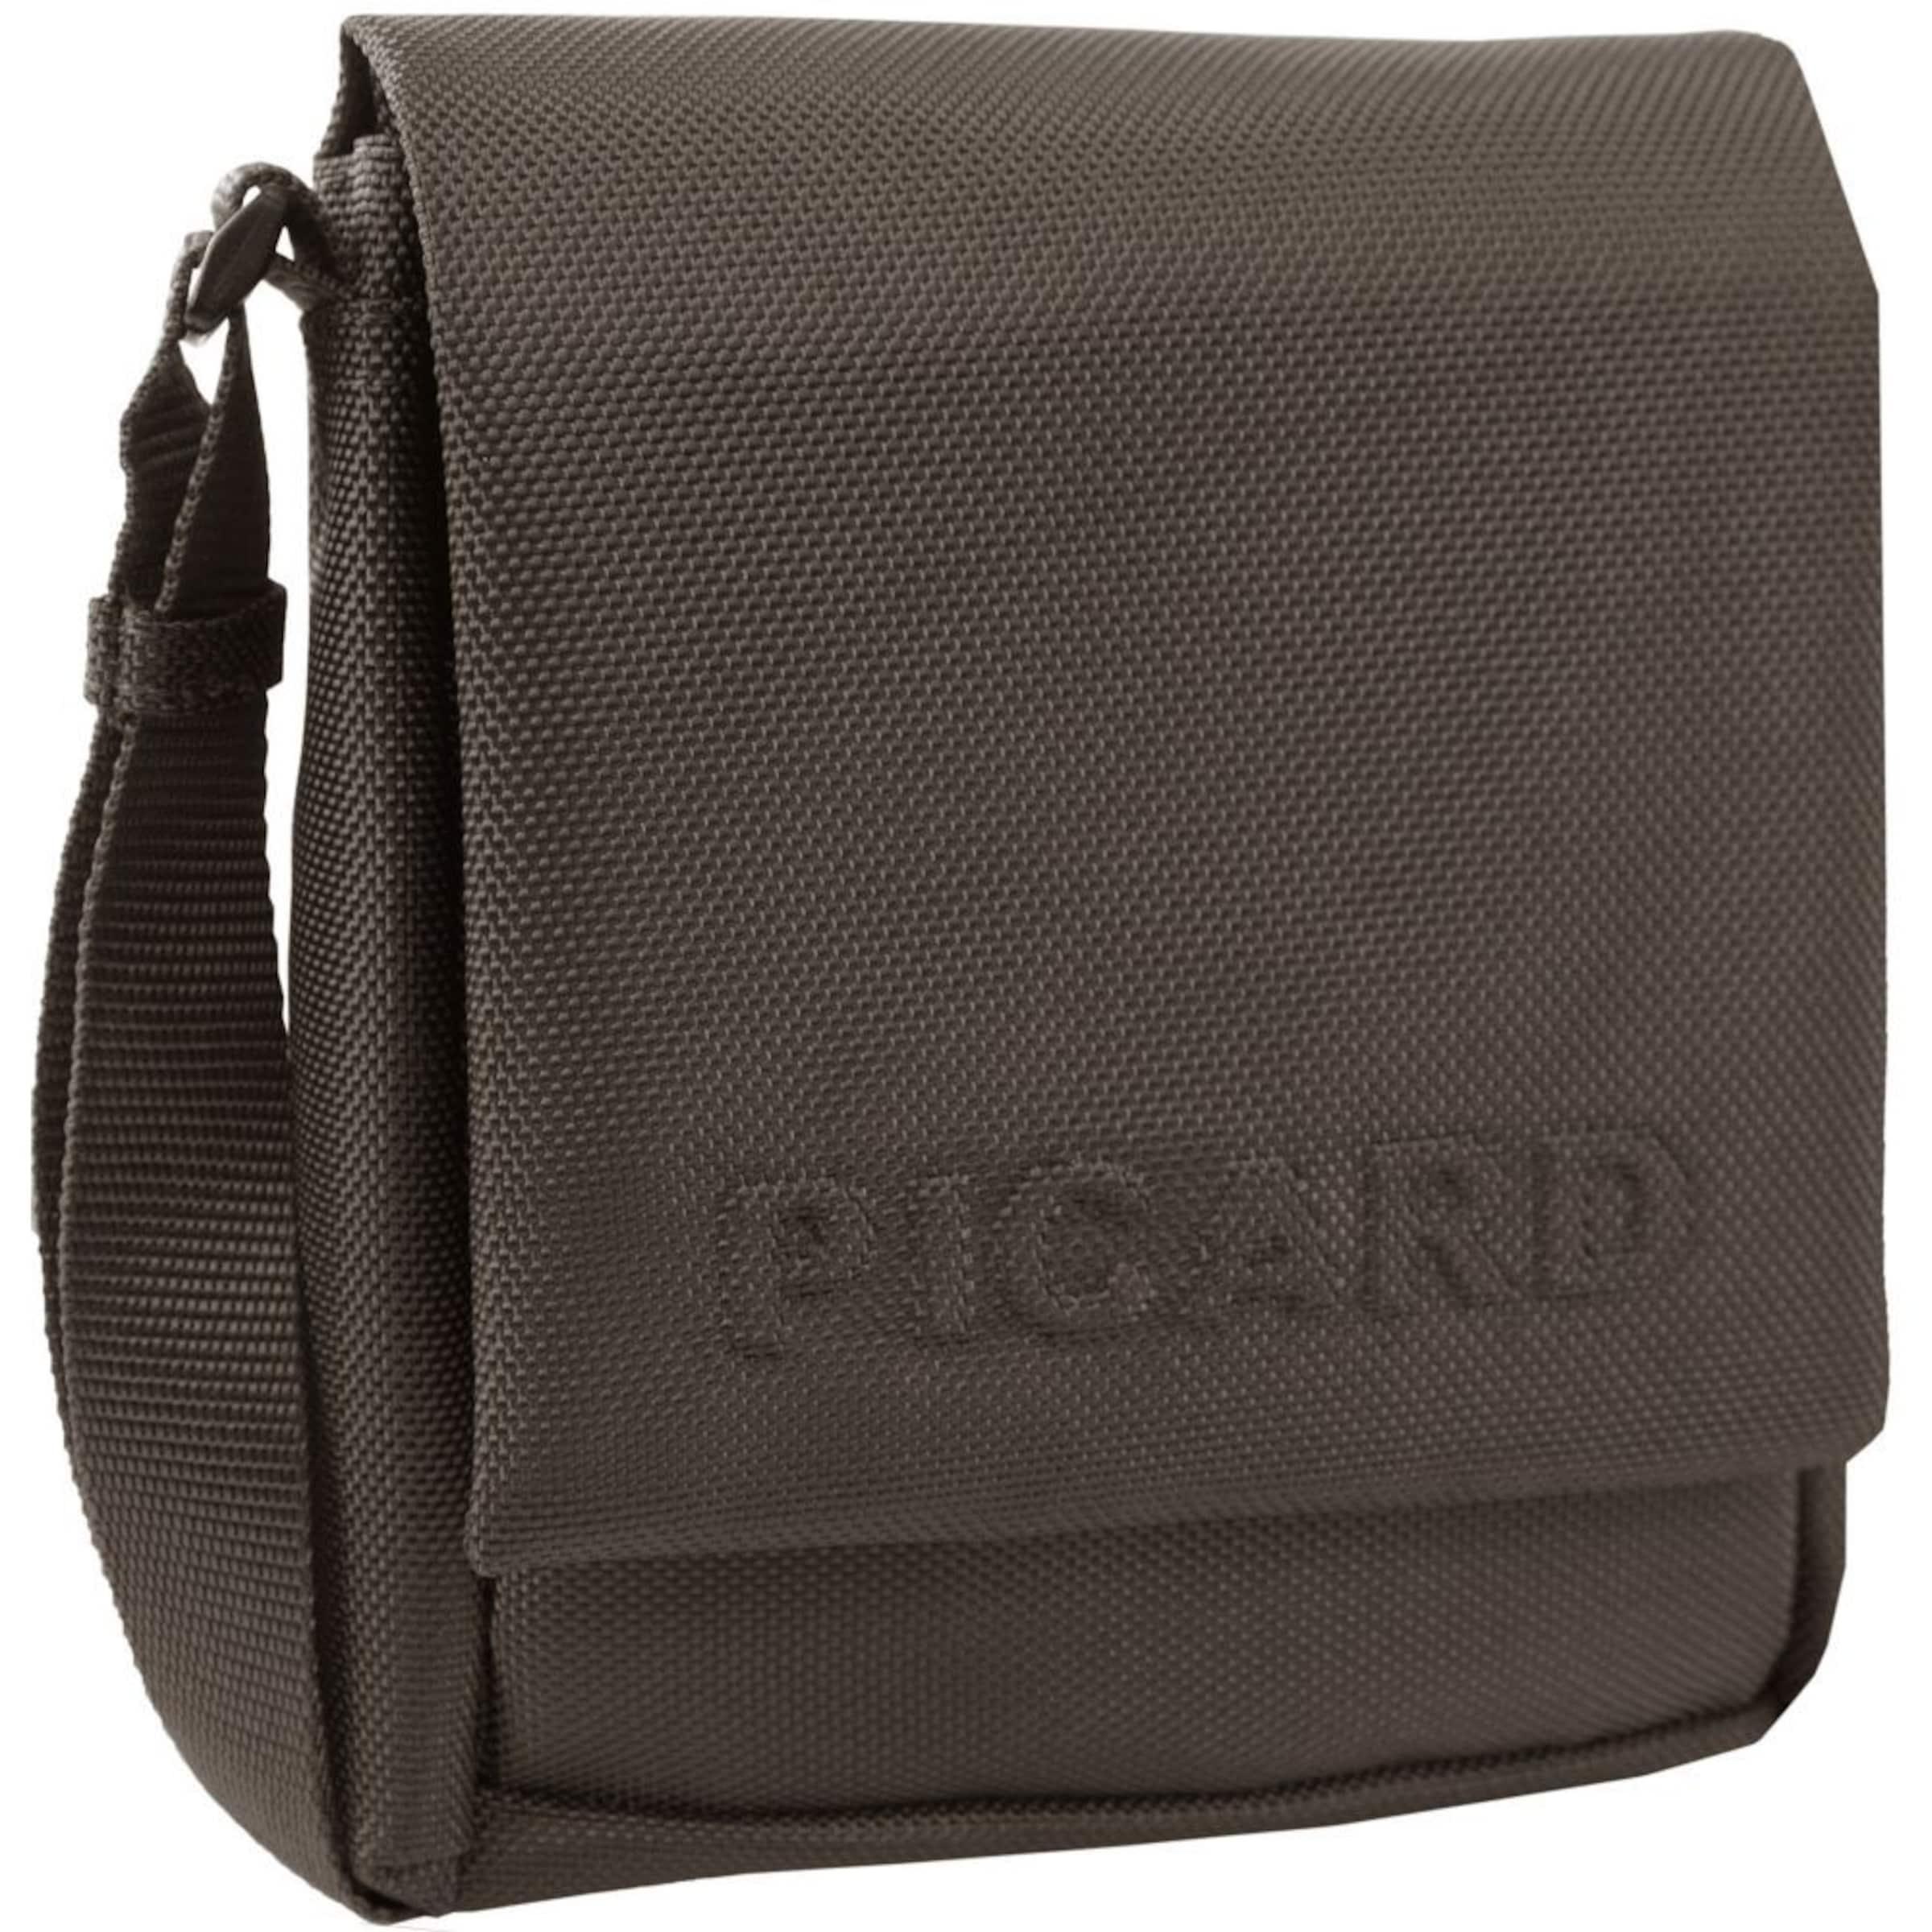 Erkunden Zu Verkaufen Picard Hitec Umhängetasche 16 cm Exklusiv Billig Billig Rabatt 7iRBTj1